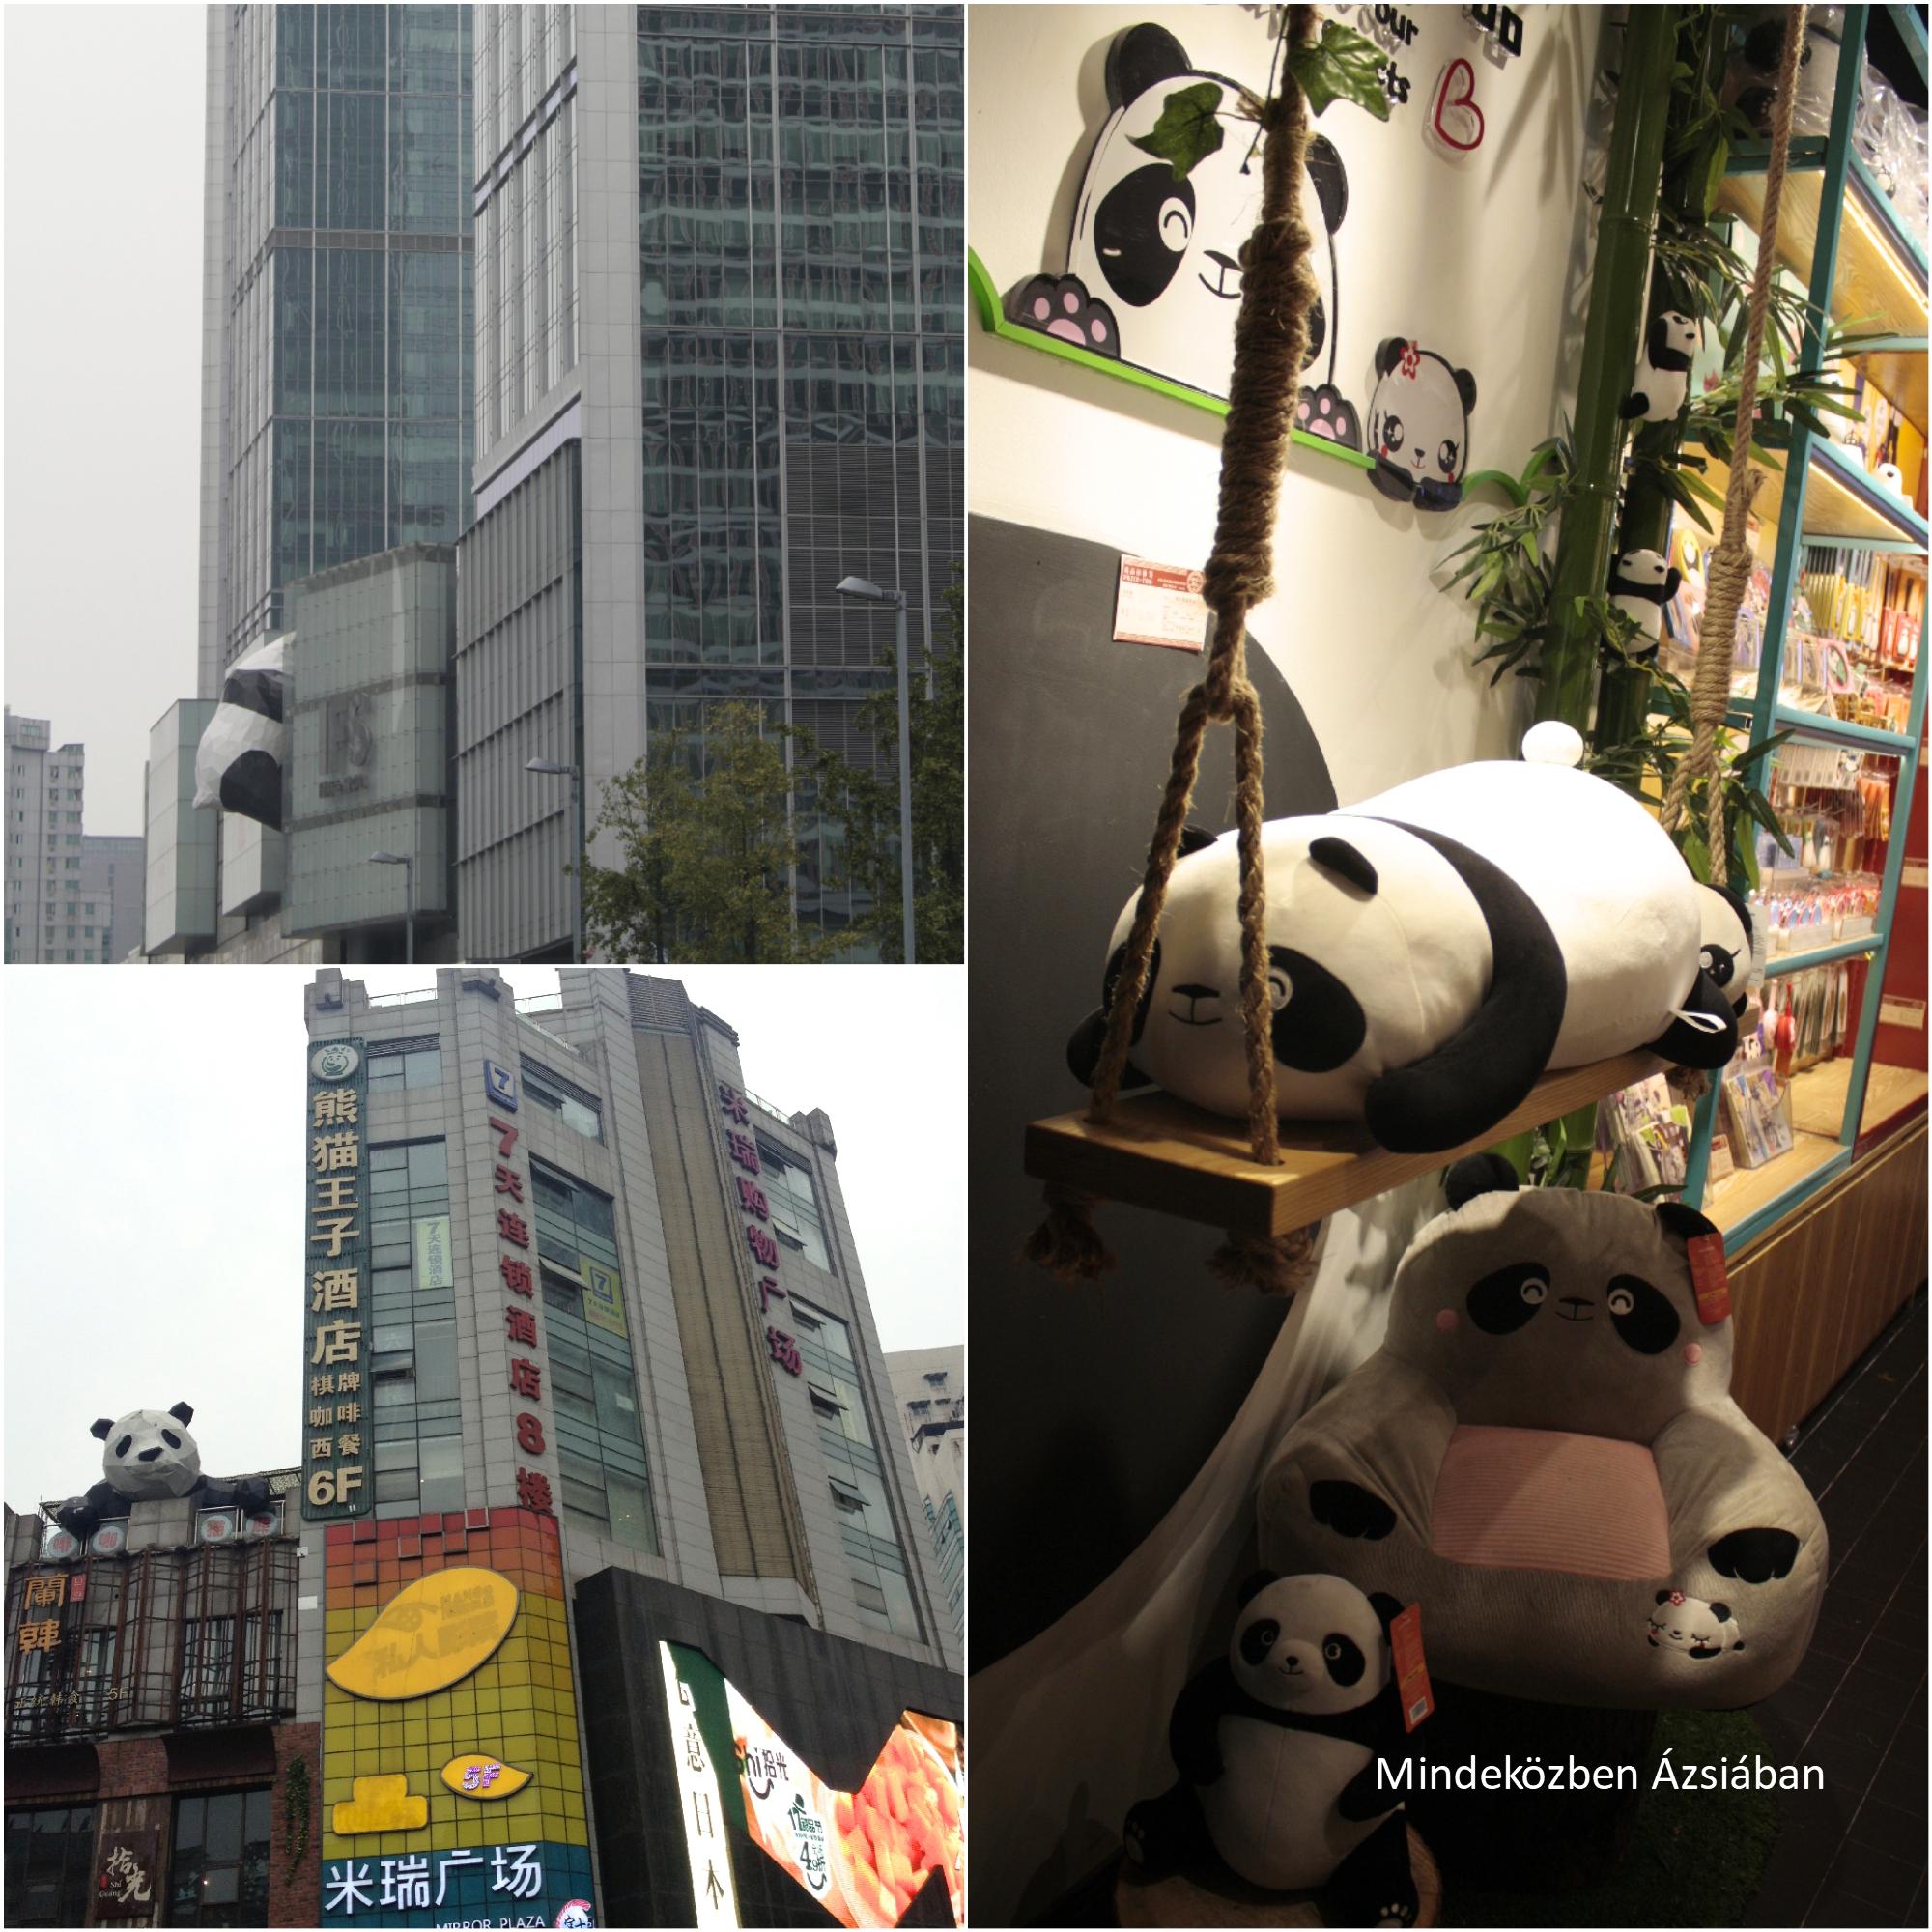 Mindeközben Kínában - Chengdu PANDÁK - Mindeközben Ázsiában a8945ec26a